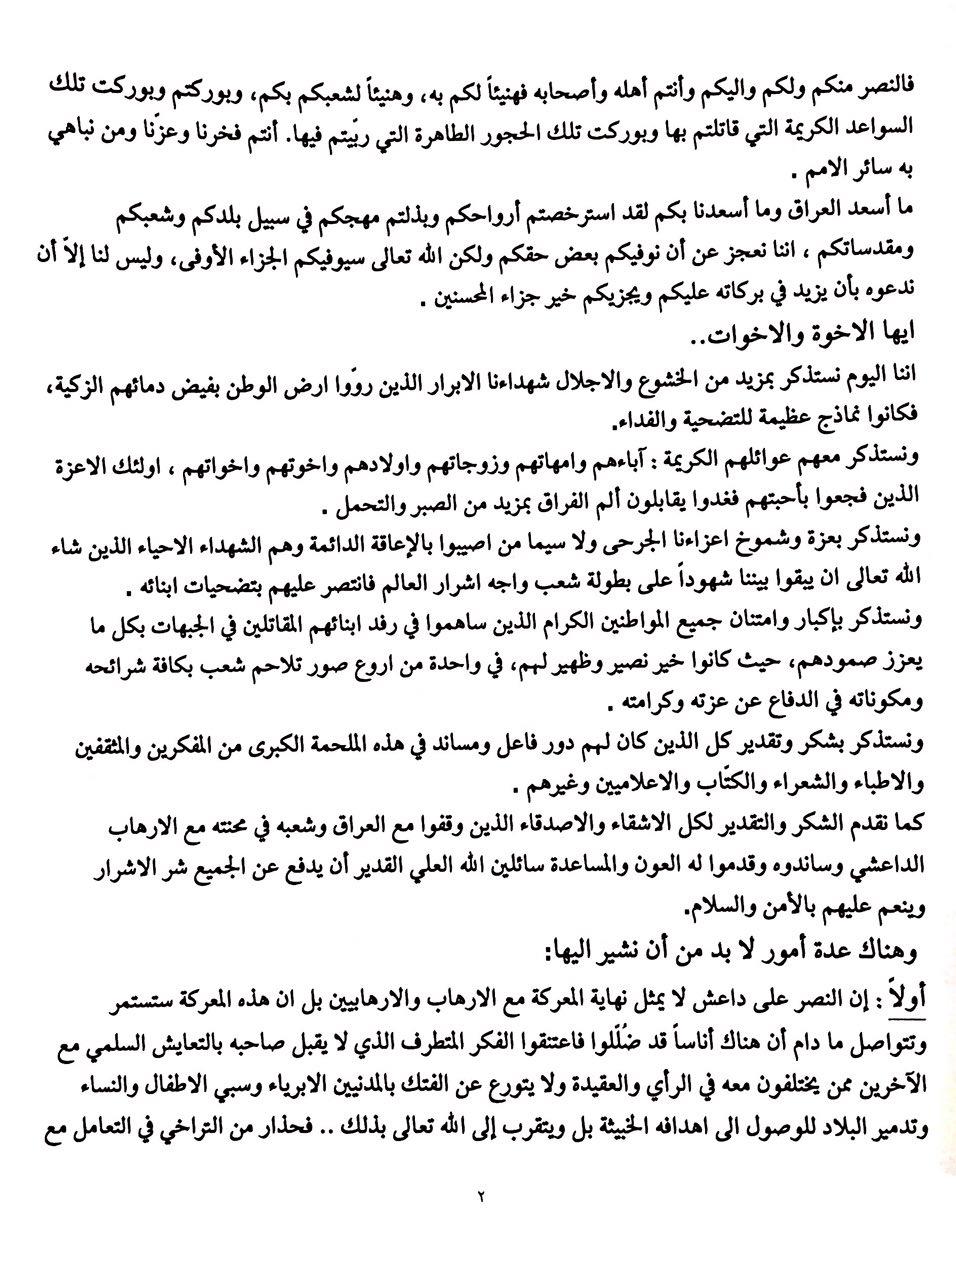 خطبة النصر من كربلاء المقدسة البيانات الصادرة موقع مكتب سماحة